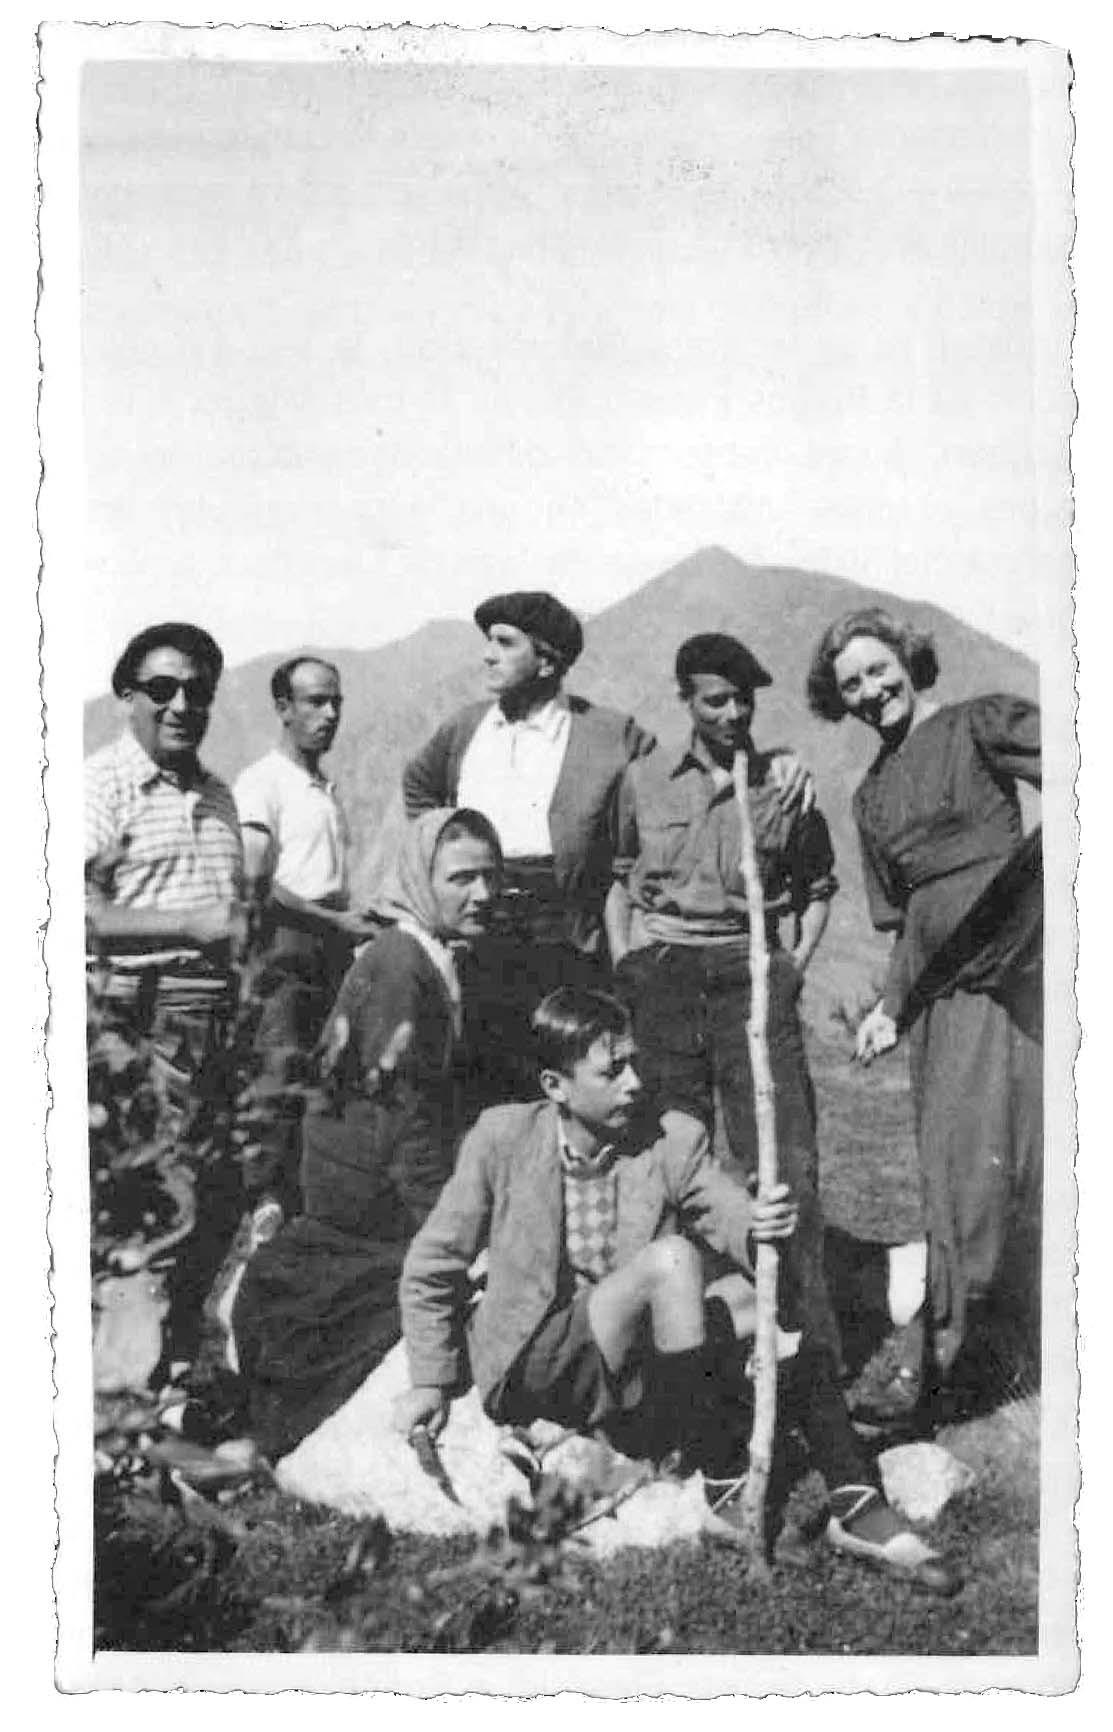 Excursió a Engolasters en una pausa del rodatge, que va tenir lloc el juliol del 1941: Sandy, asseguda, amb mocador, i al costat, el seu fill Olivier.